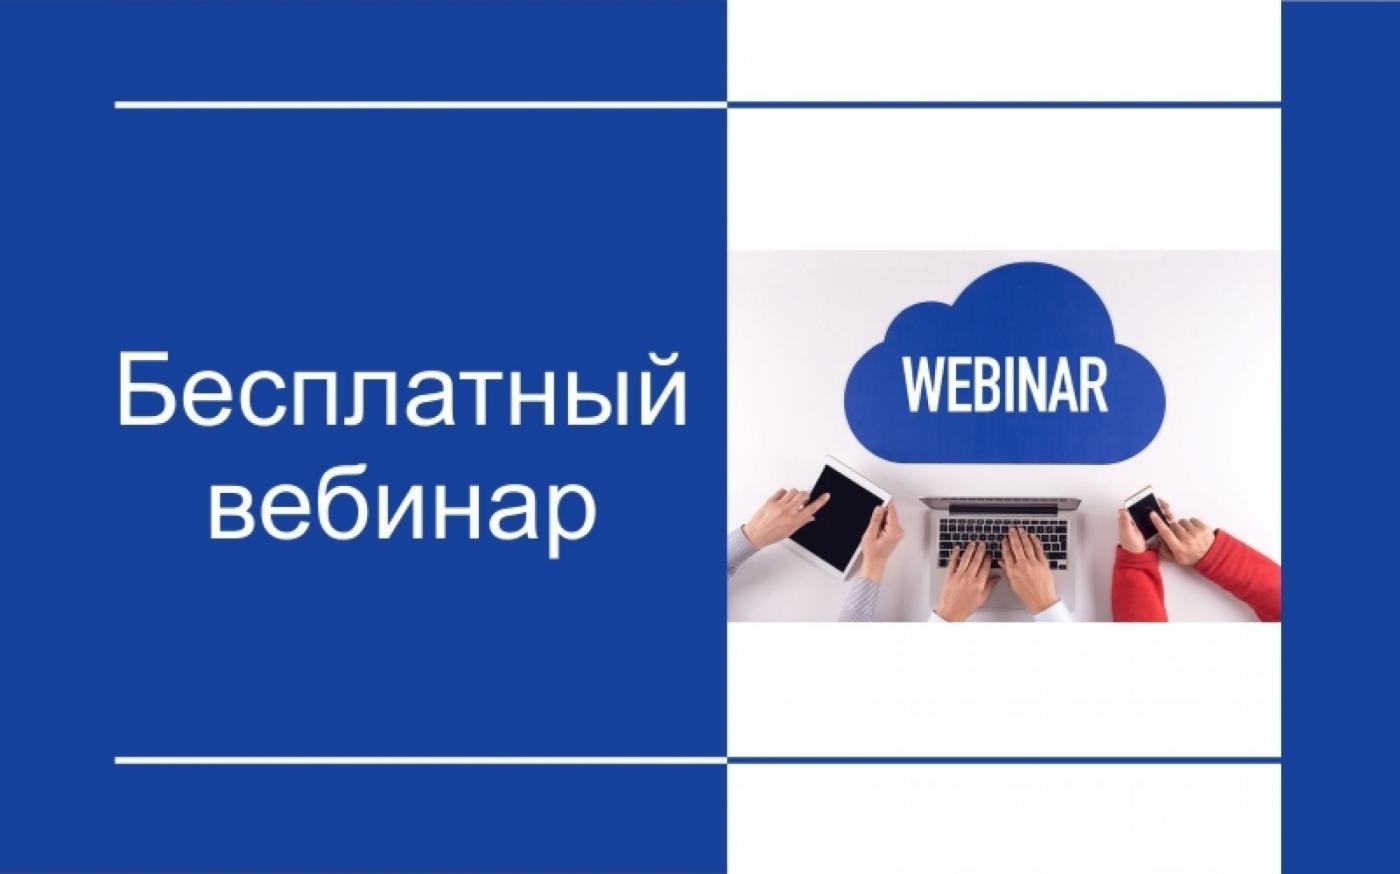 Информационное моделирование объектов инфраструктуры и капитального строительства: бесплатный вебинар от МИПК и ПК